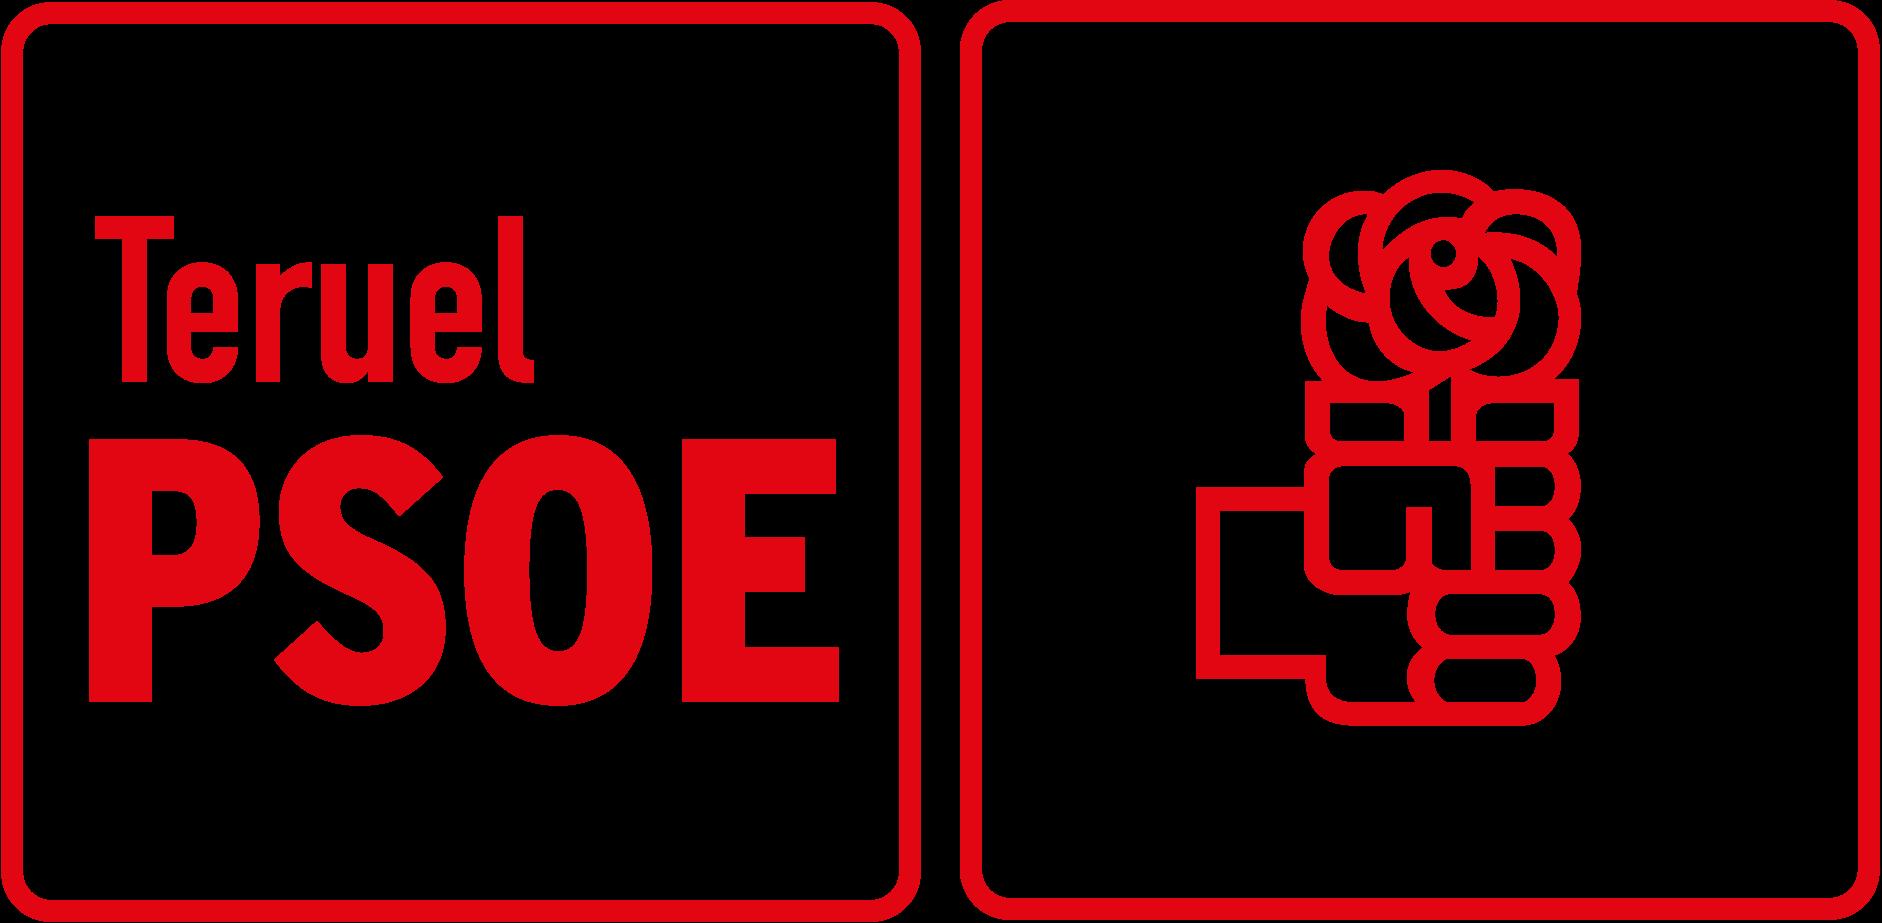 PSOE Teruel